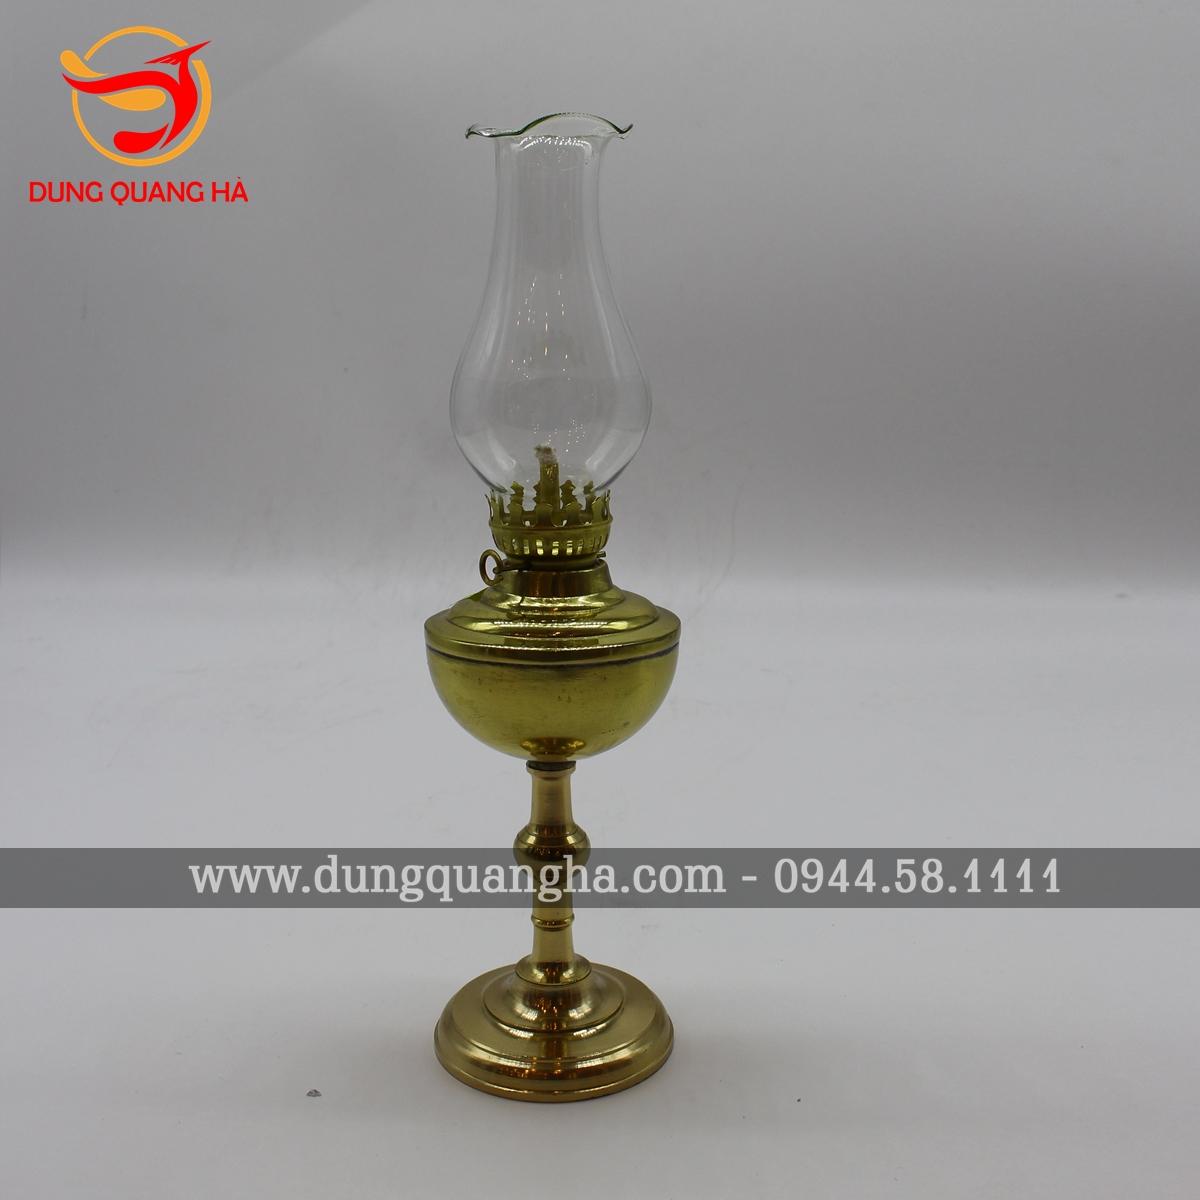 Đèn thờ bằng đồng vàng mộc trơn sang trọng 4